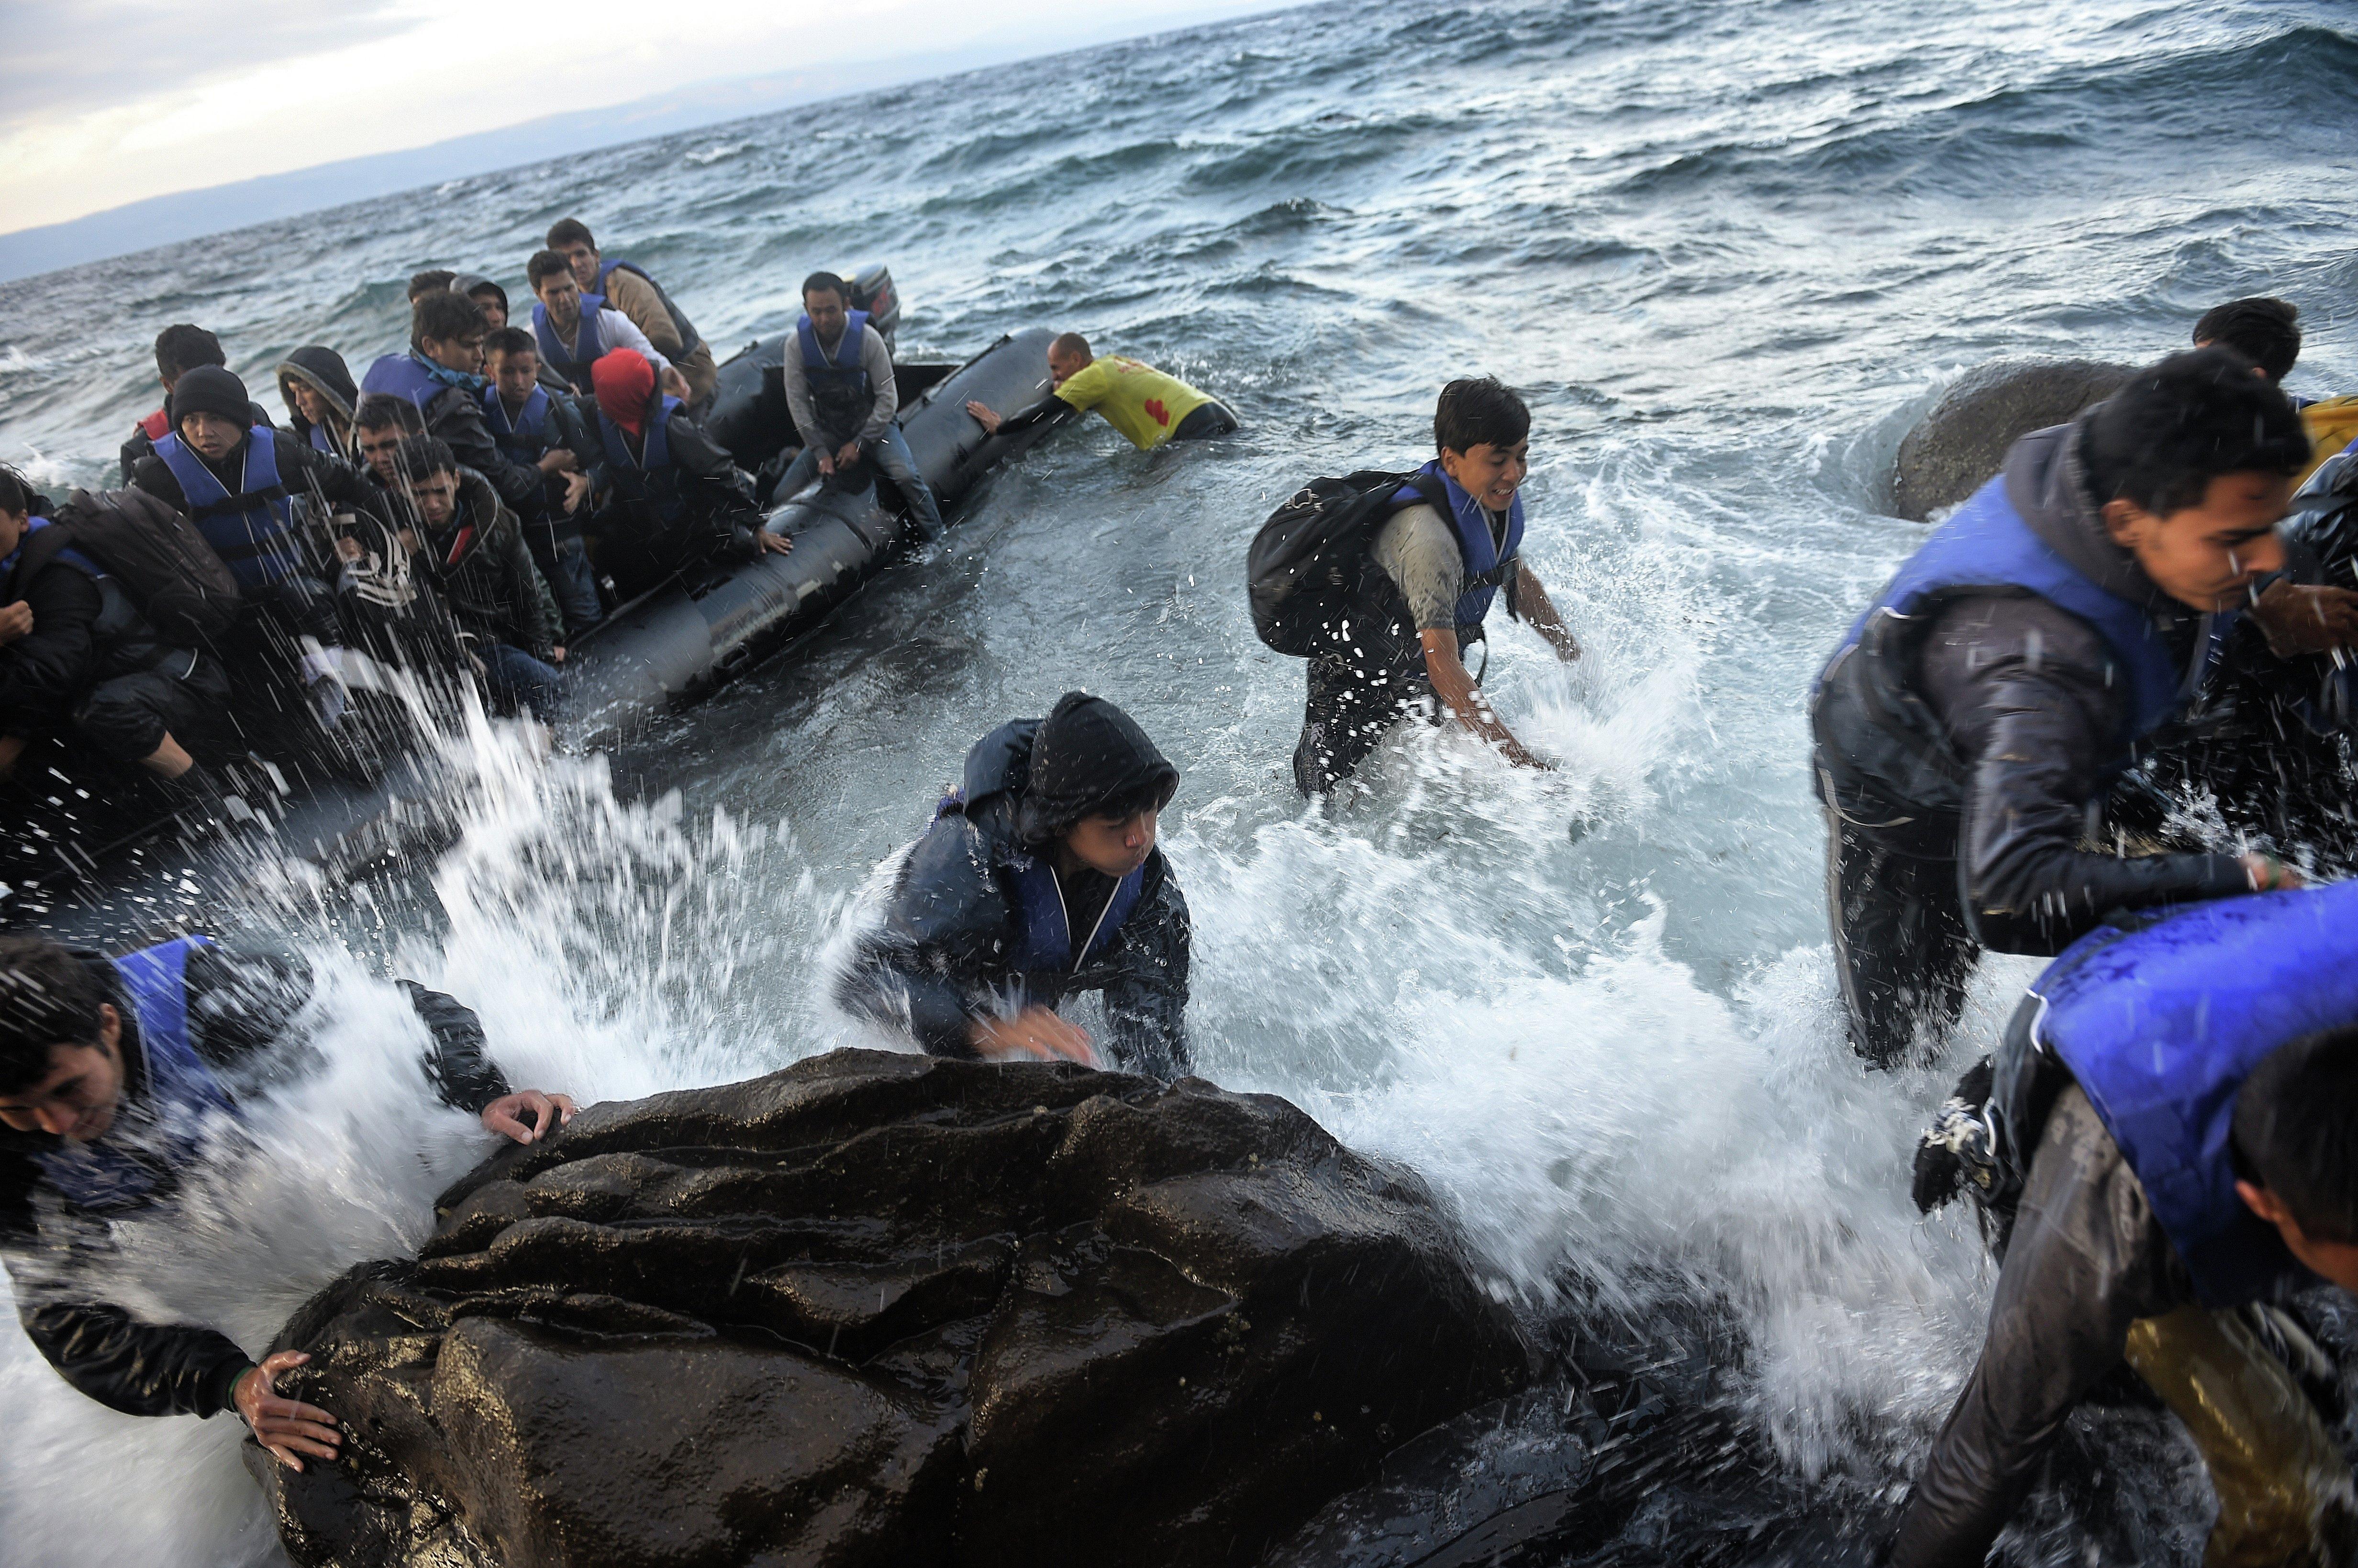 ЕС и беженцы: ничего не решено